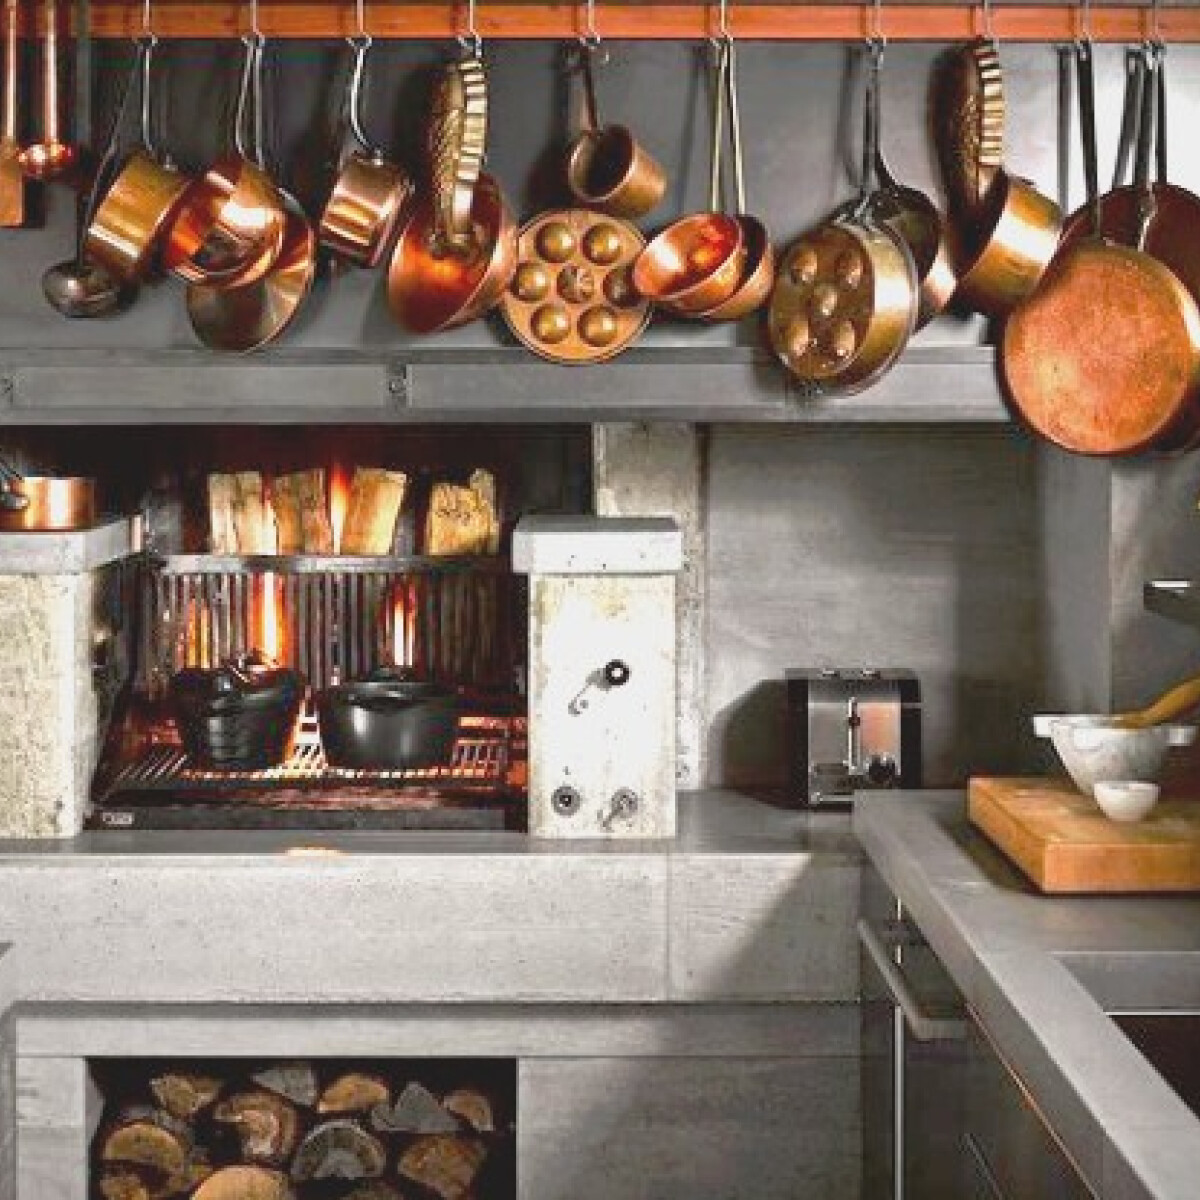 6 egészen izgalmas konyhai inspiráció szakavatott belsőépítészektől...mert ők tudják!